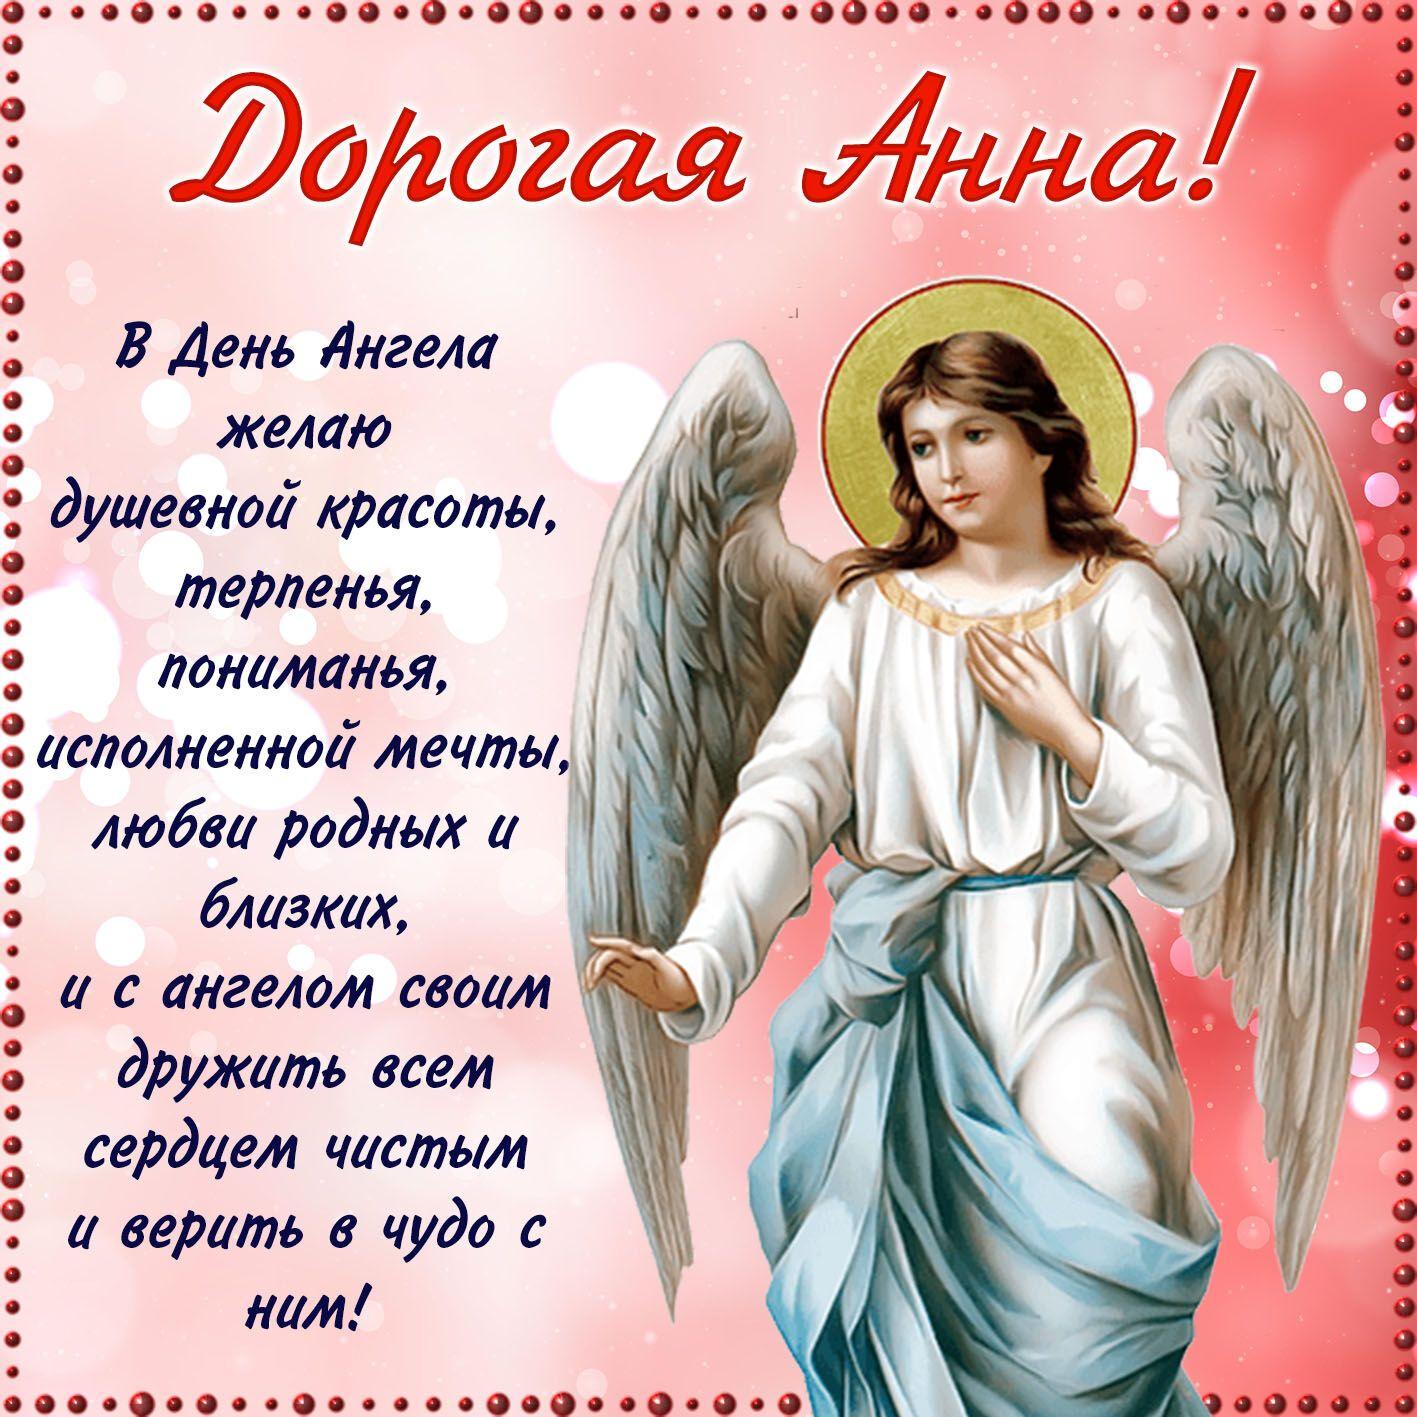 Пожелания в День ангела Анны